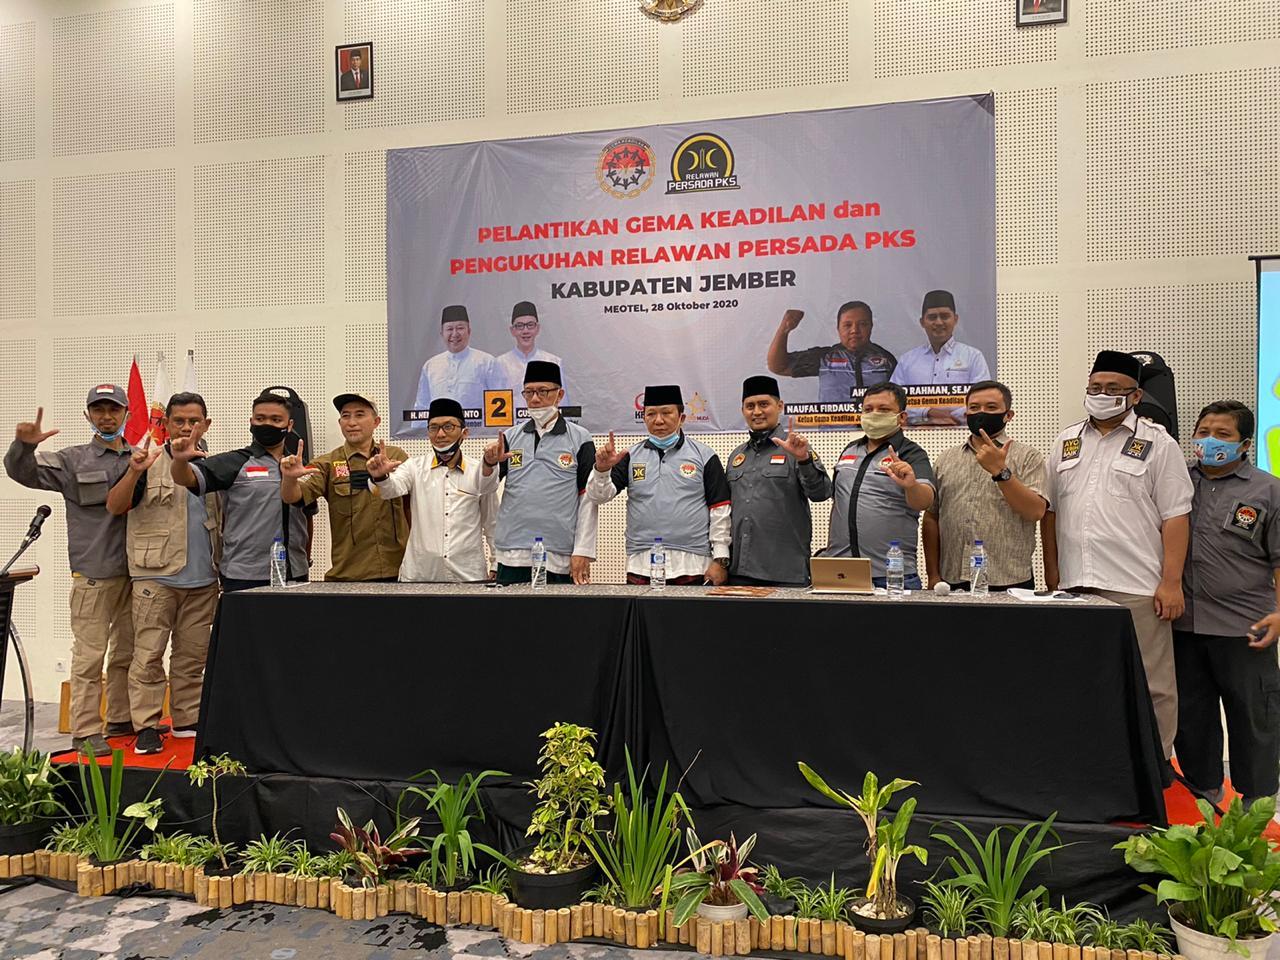 Pelantikan dewan pengurus Gema Keadilan Kabupaten Jember